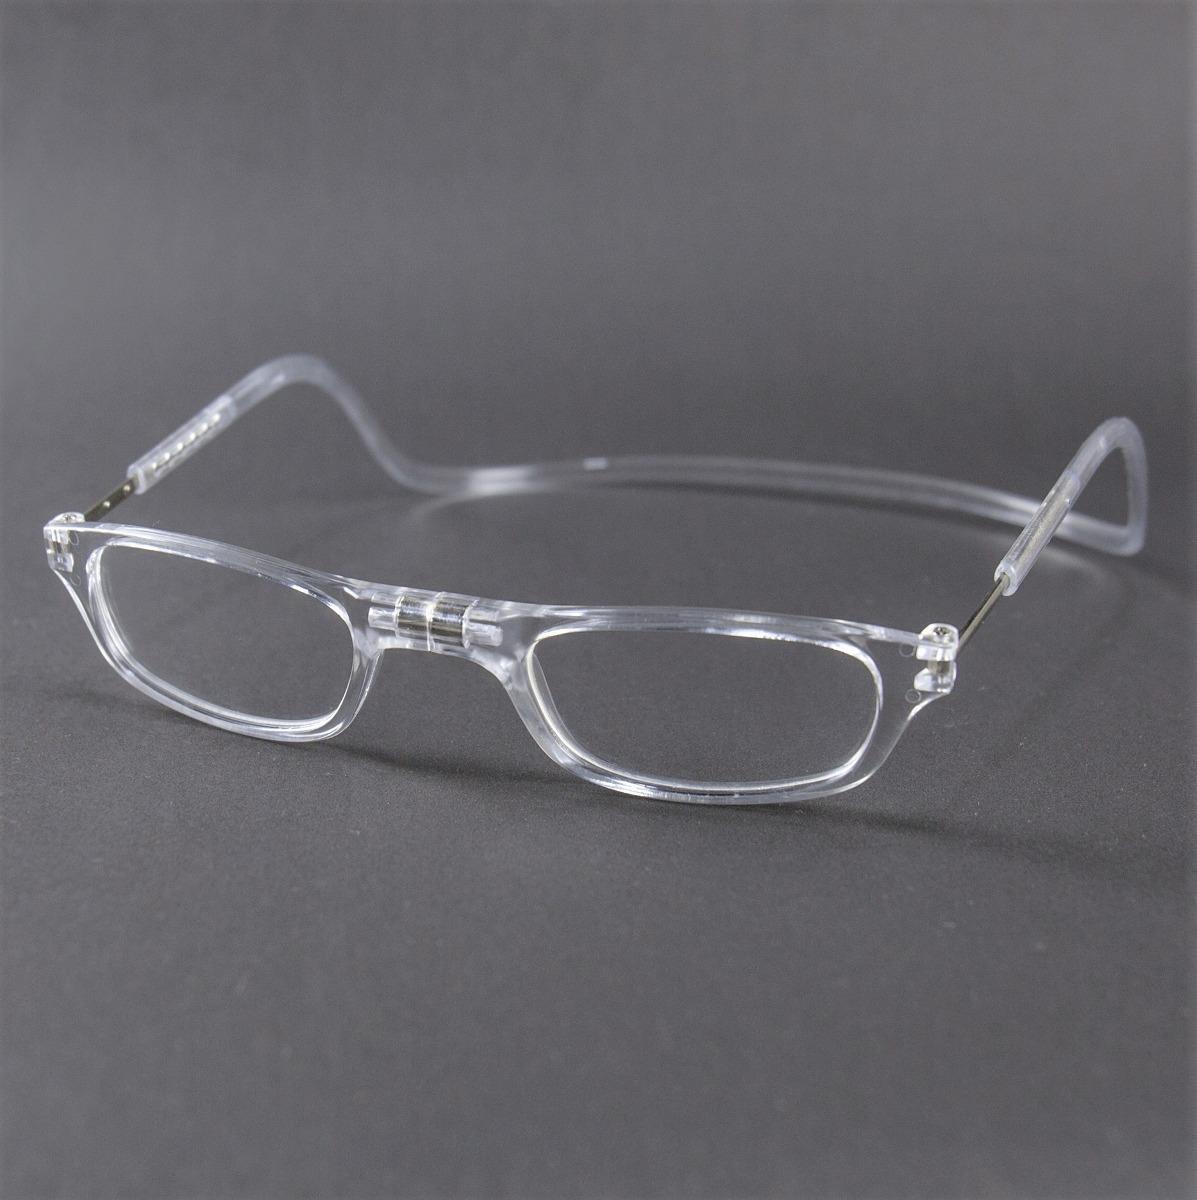 42c4a6770 Armação Óculos Leitura Clikko Cristal Com Imã-prático - R$ 249,00 em ...